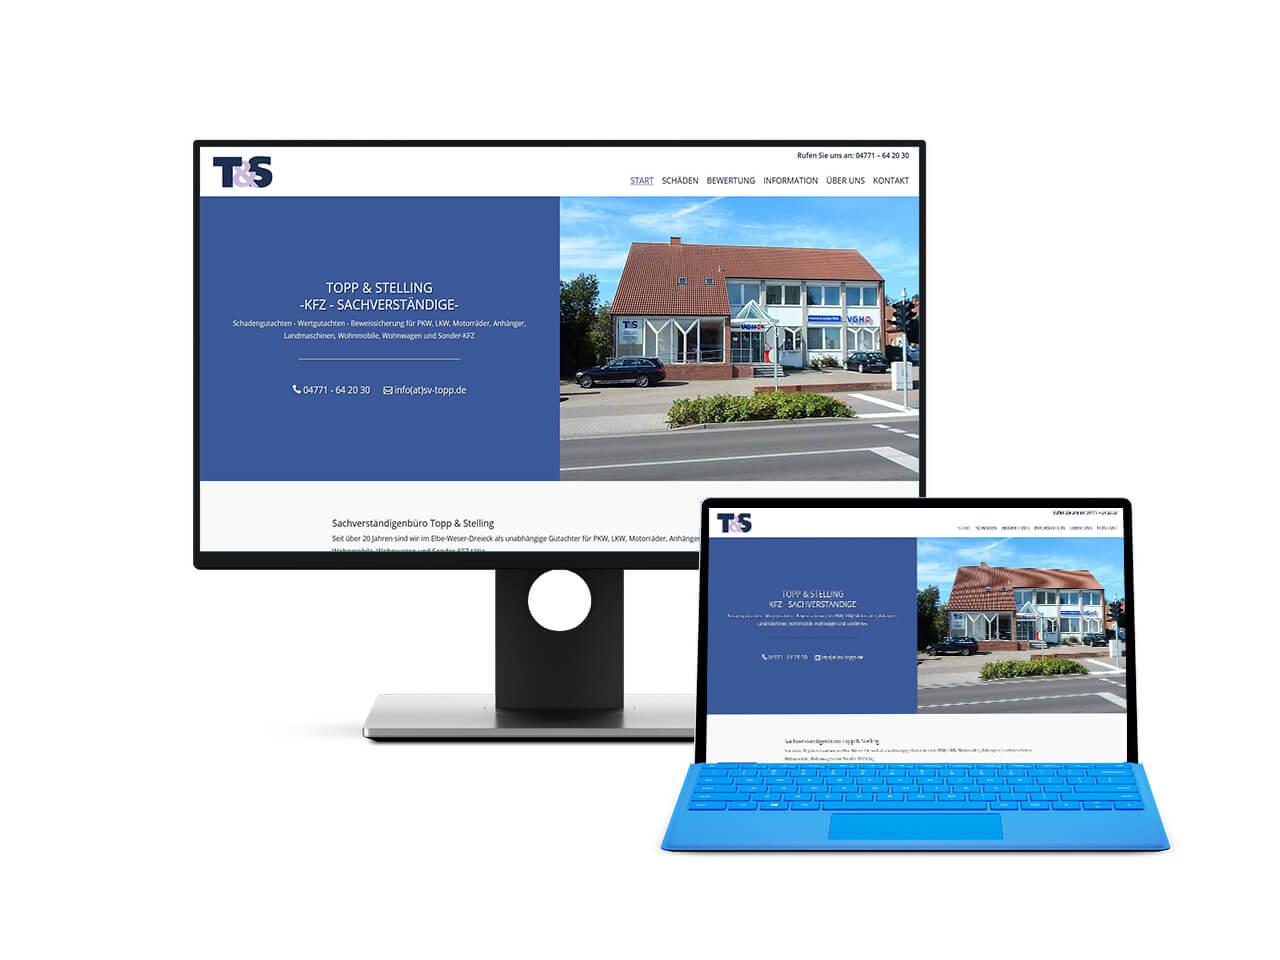 Webdesign Hechthausen - Website für einen Kfz Sachverständigen aus Hemmoor. Darstellung der Seite auf einem Screenshot